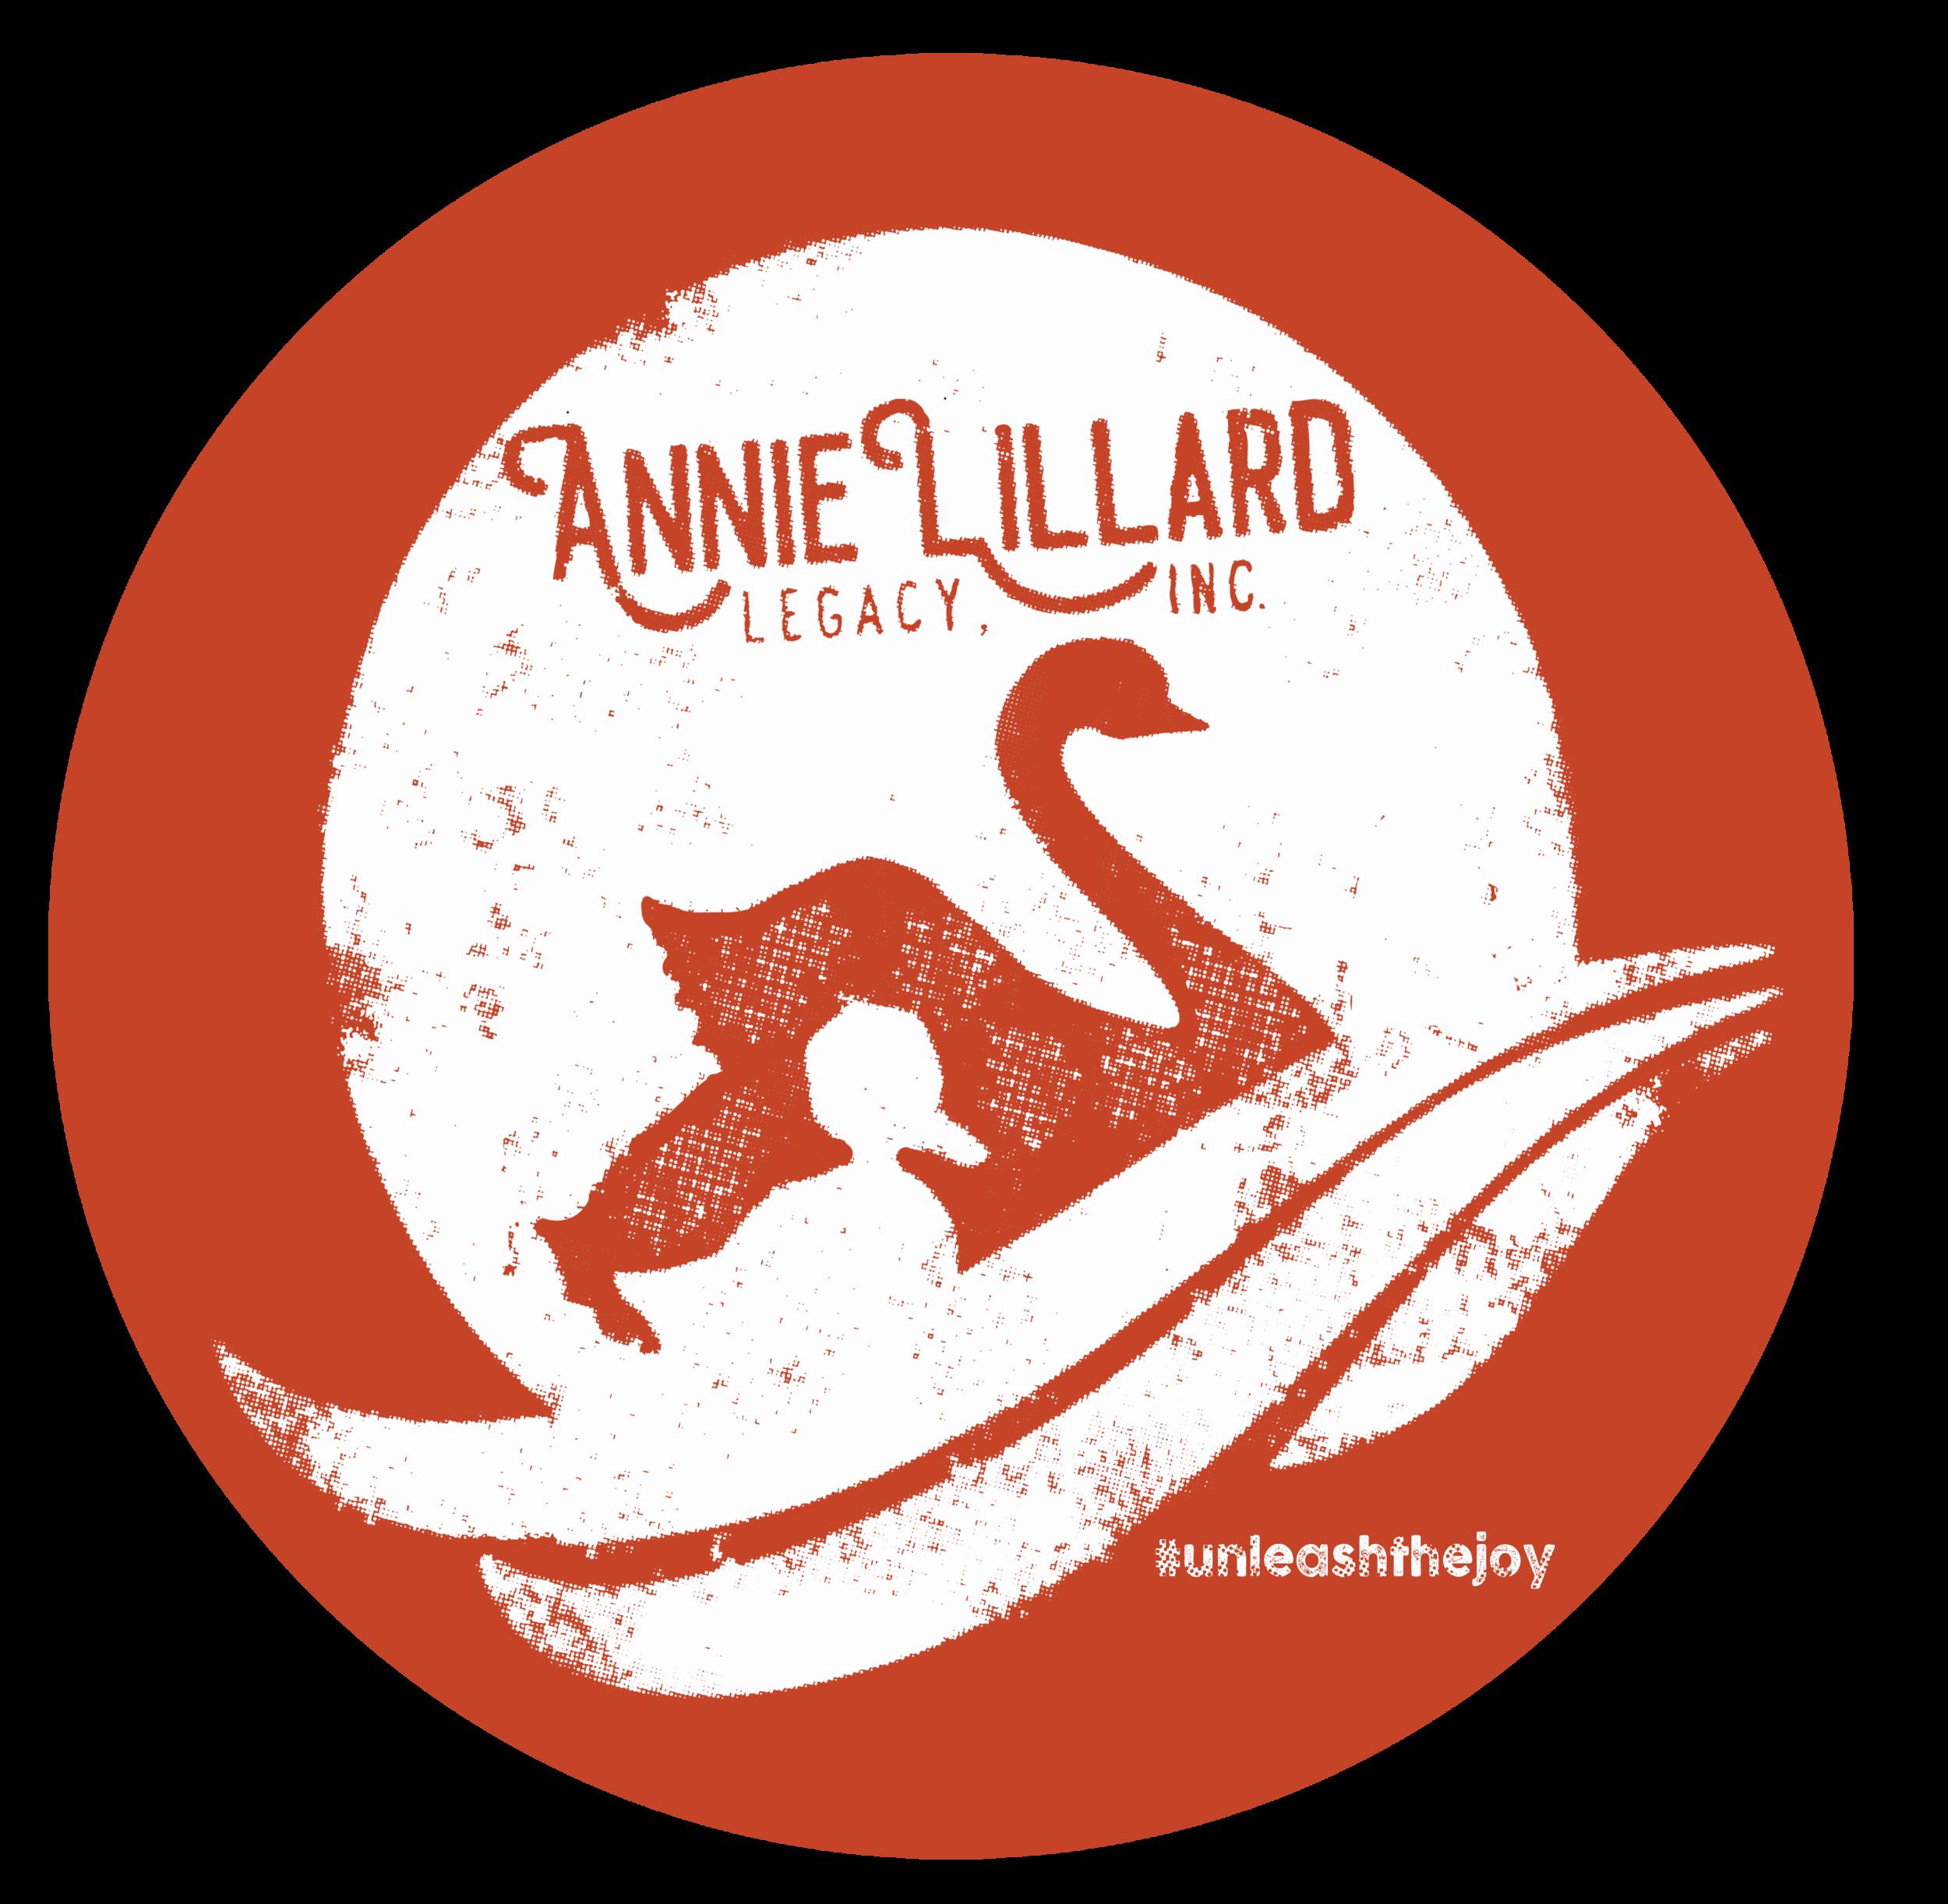 Annie Lillard Legacy Logo Sticker Annie Lillard Legacy Inc